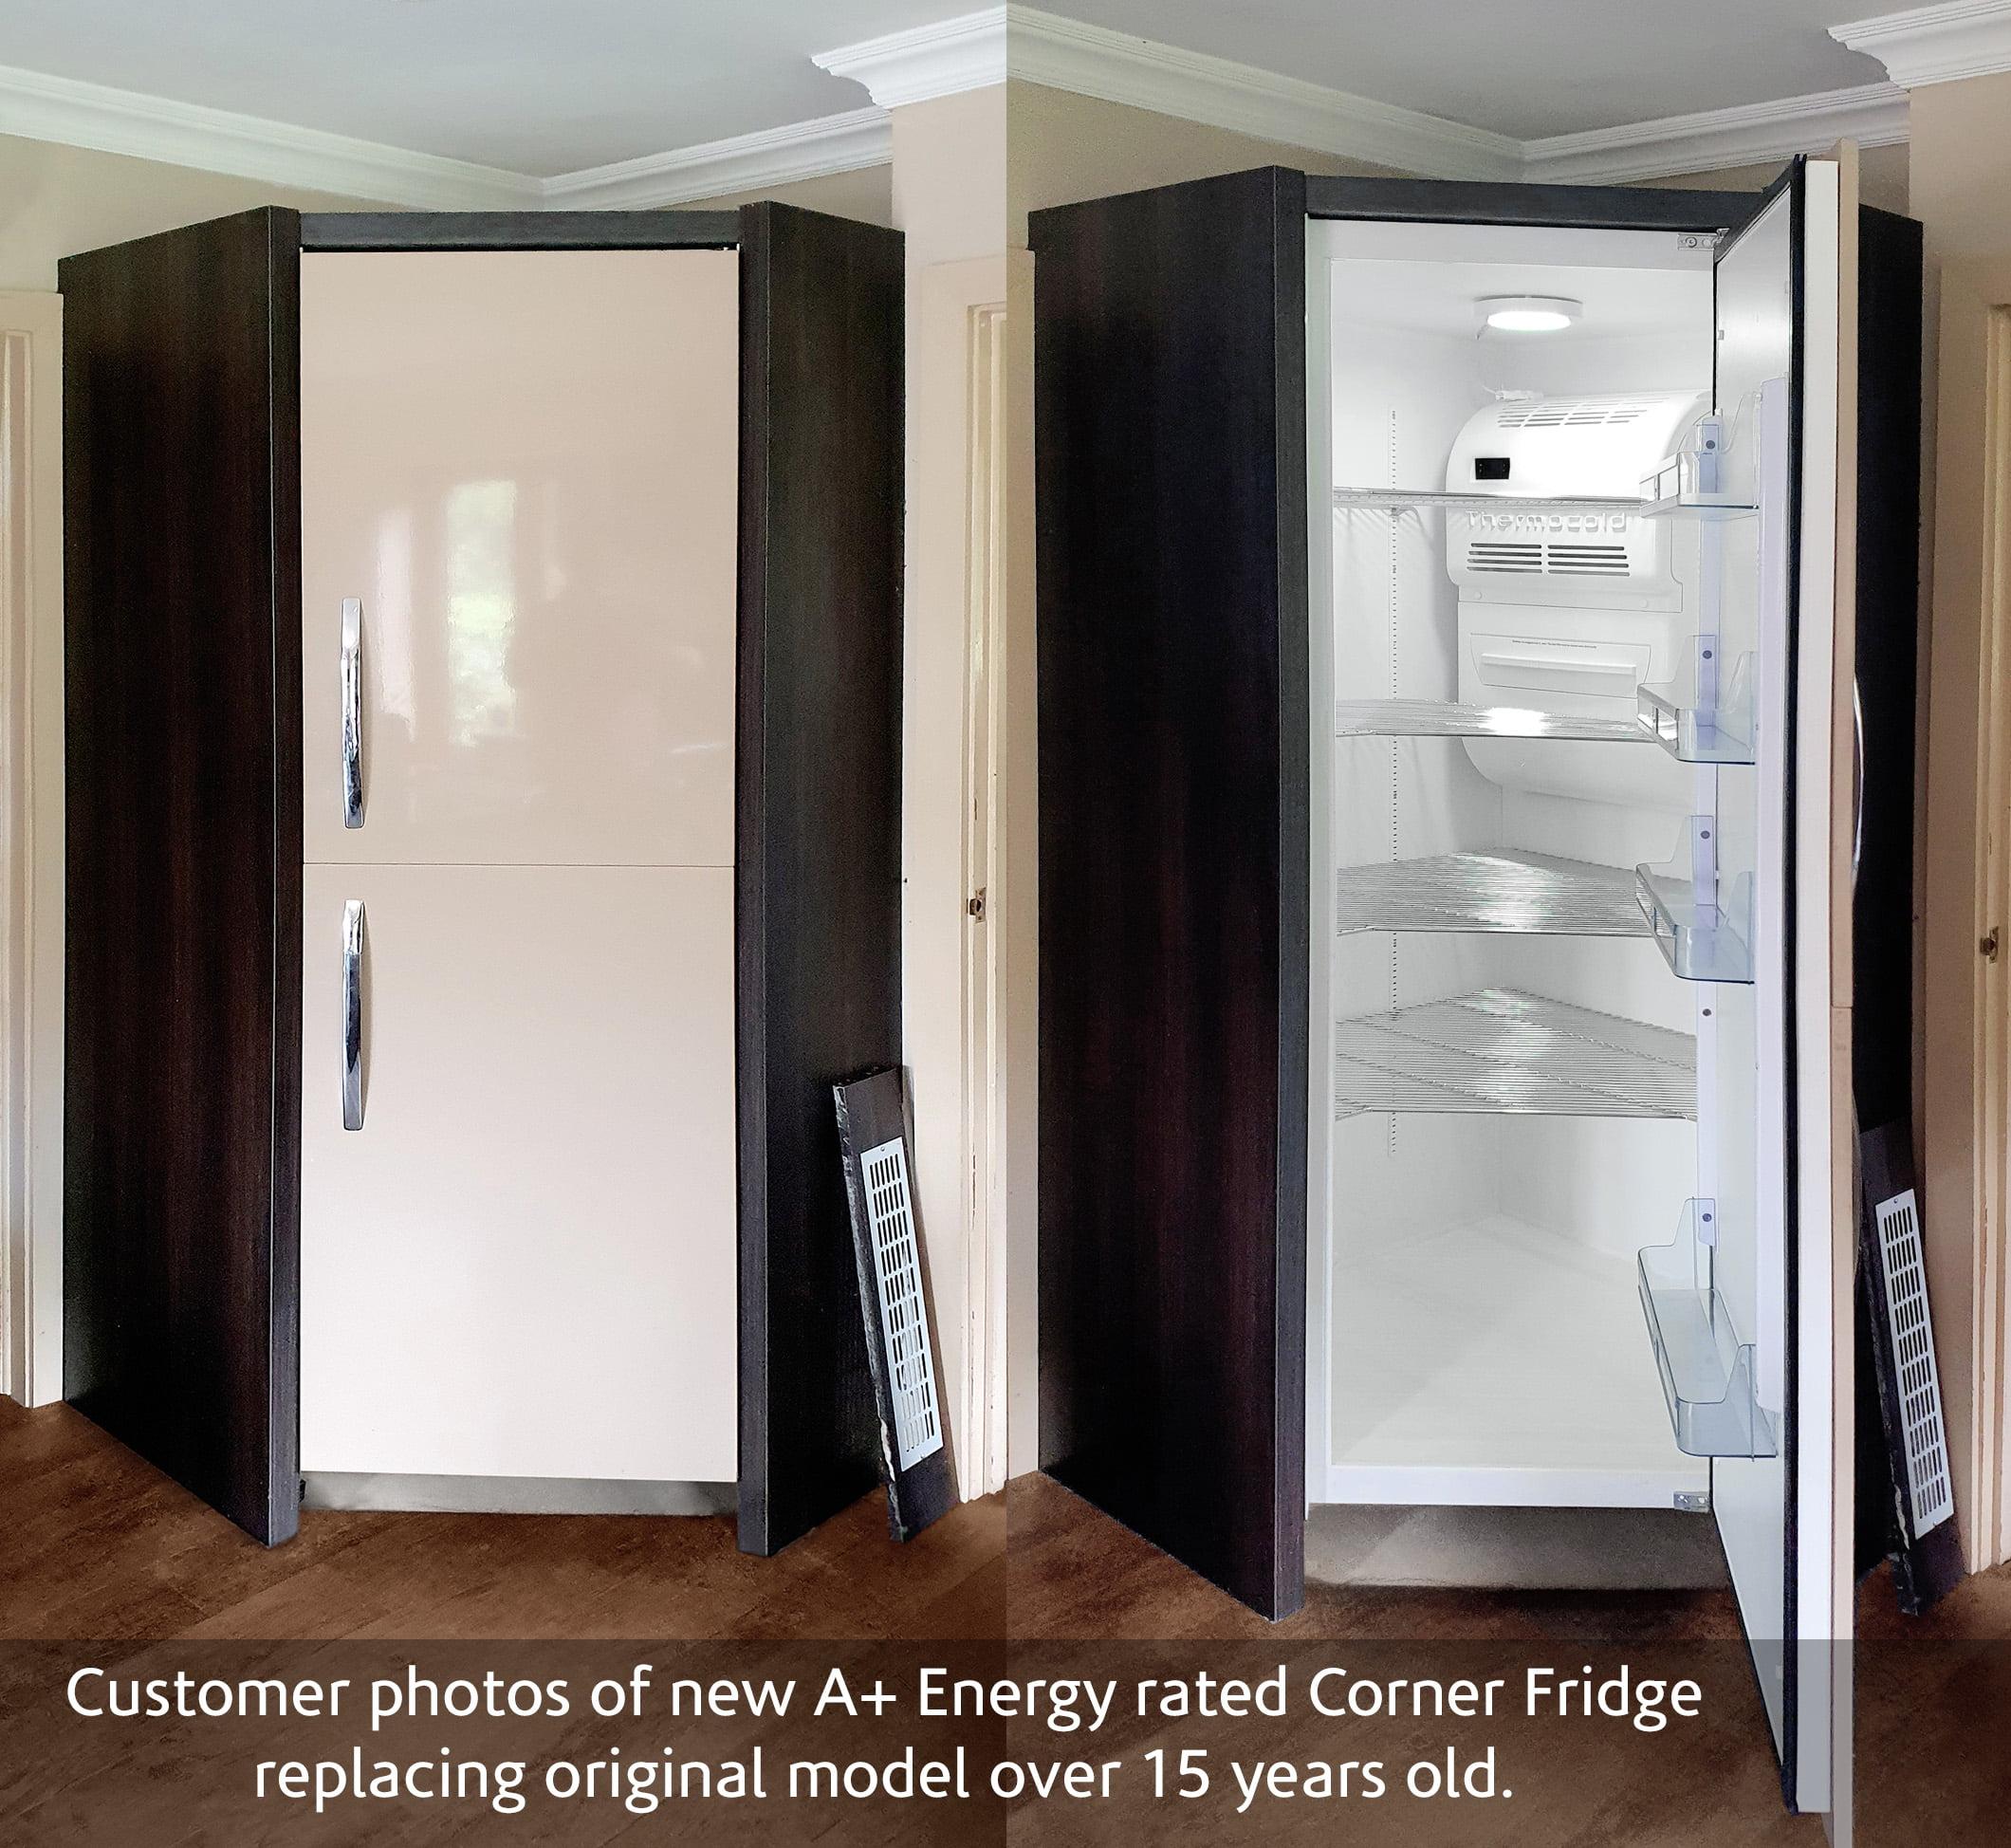 Corner Fridge between doors 2 photos and caption